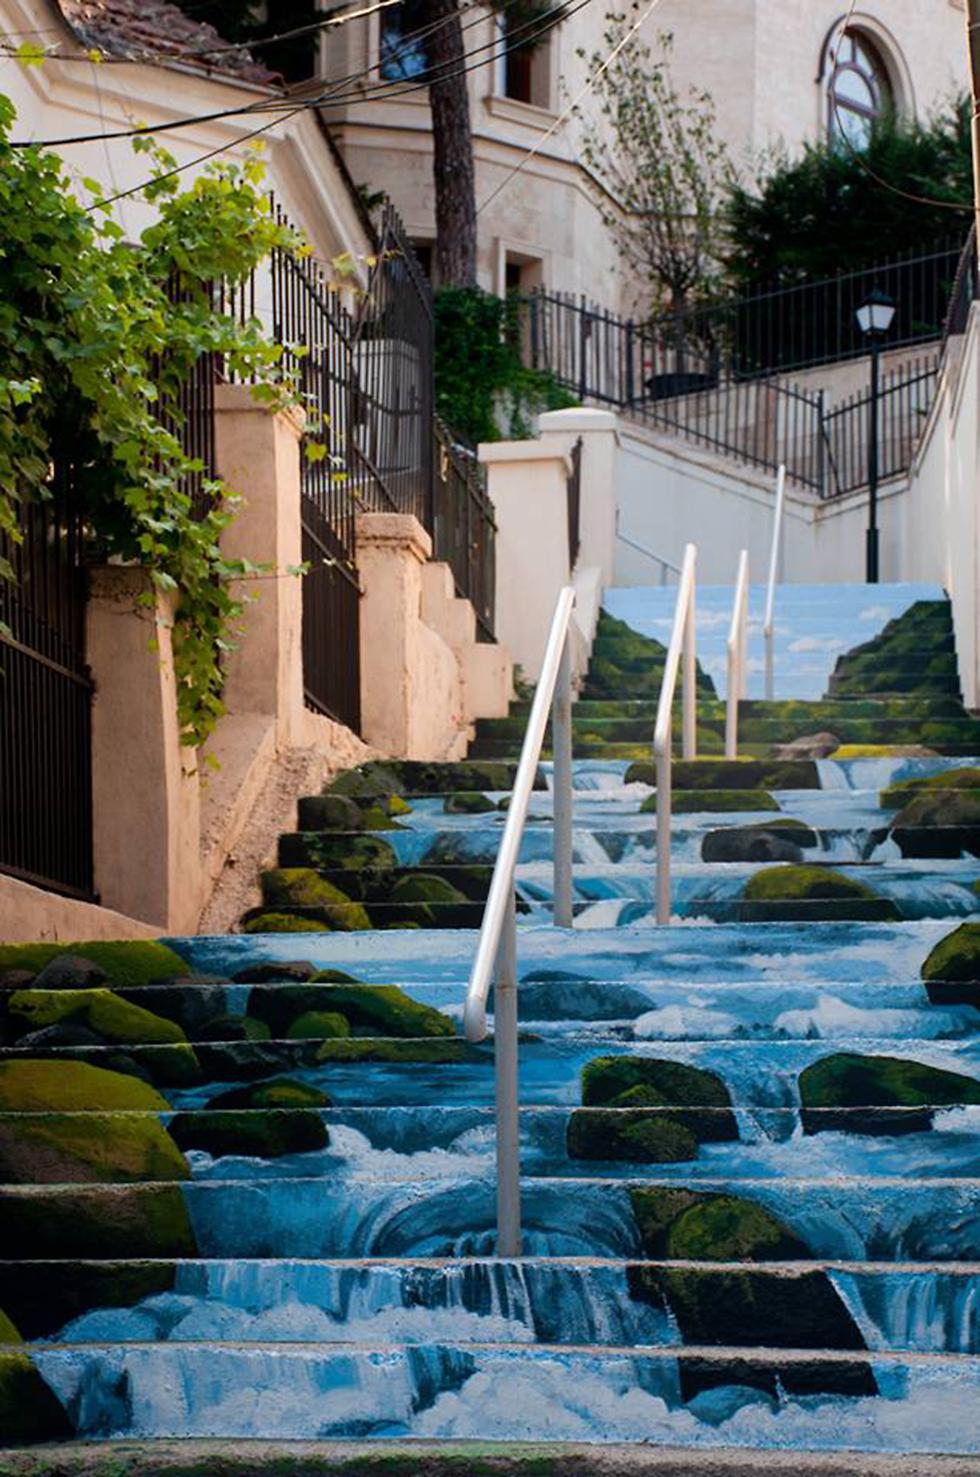 רחוב קסנופון העתיק והמדרגות המיוחדות שבו